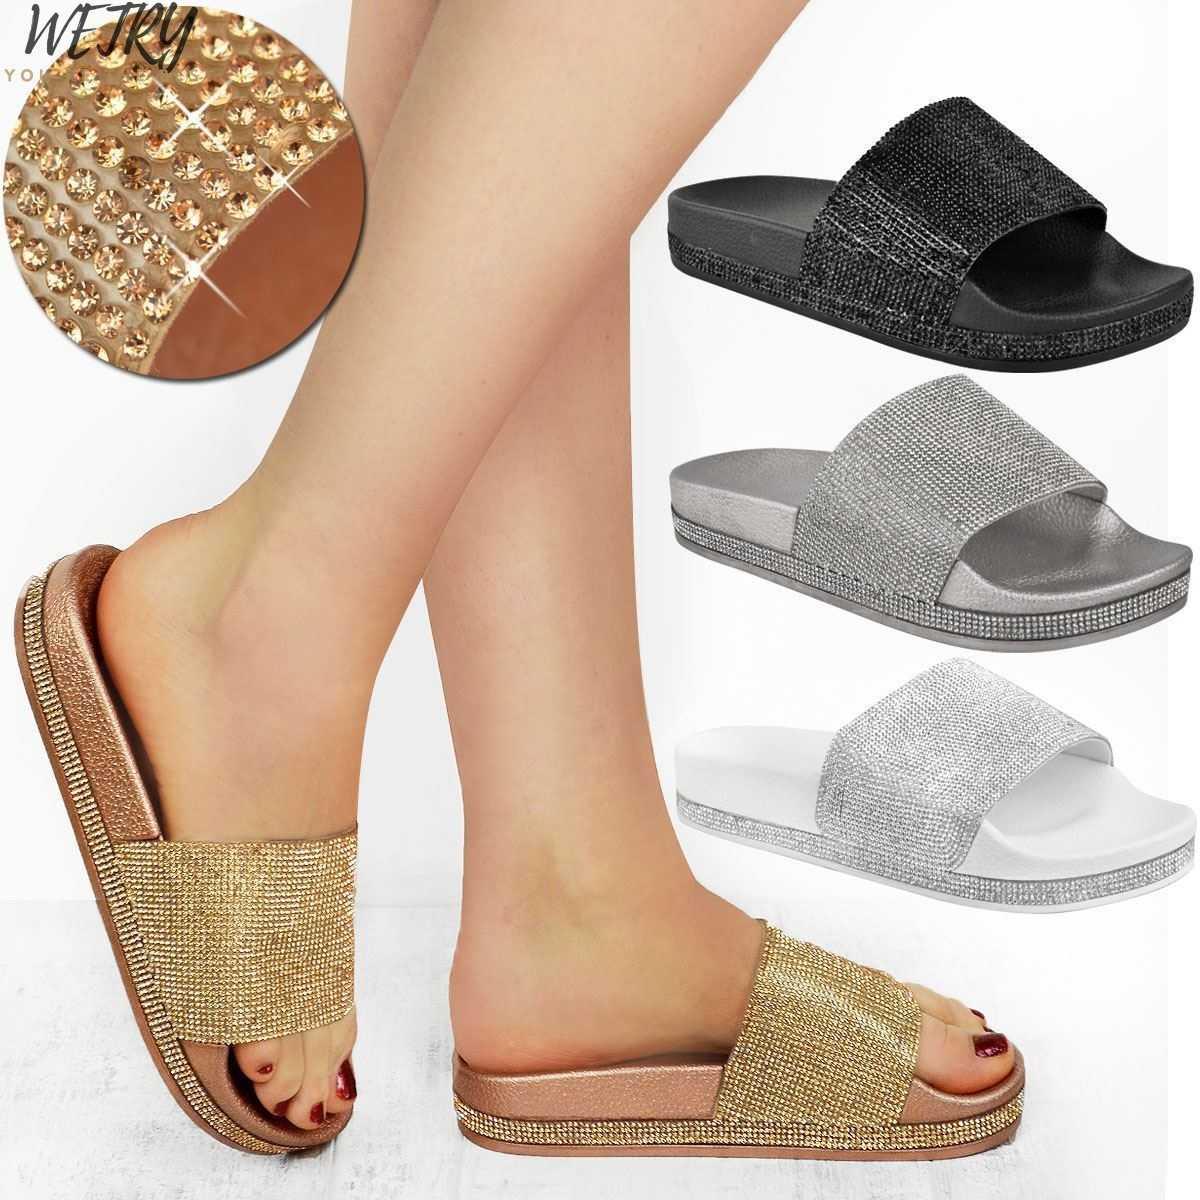 ผู้หญิงฤดูร้อน Glitter รองเท้าแตะ Soft Sole สไลด์รองเท้าผู้หญิงคริสตัล Bling ชายหาดรองเท้าแตะ Flip Flops